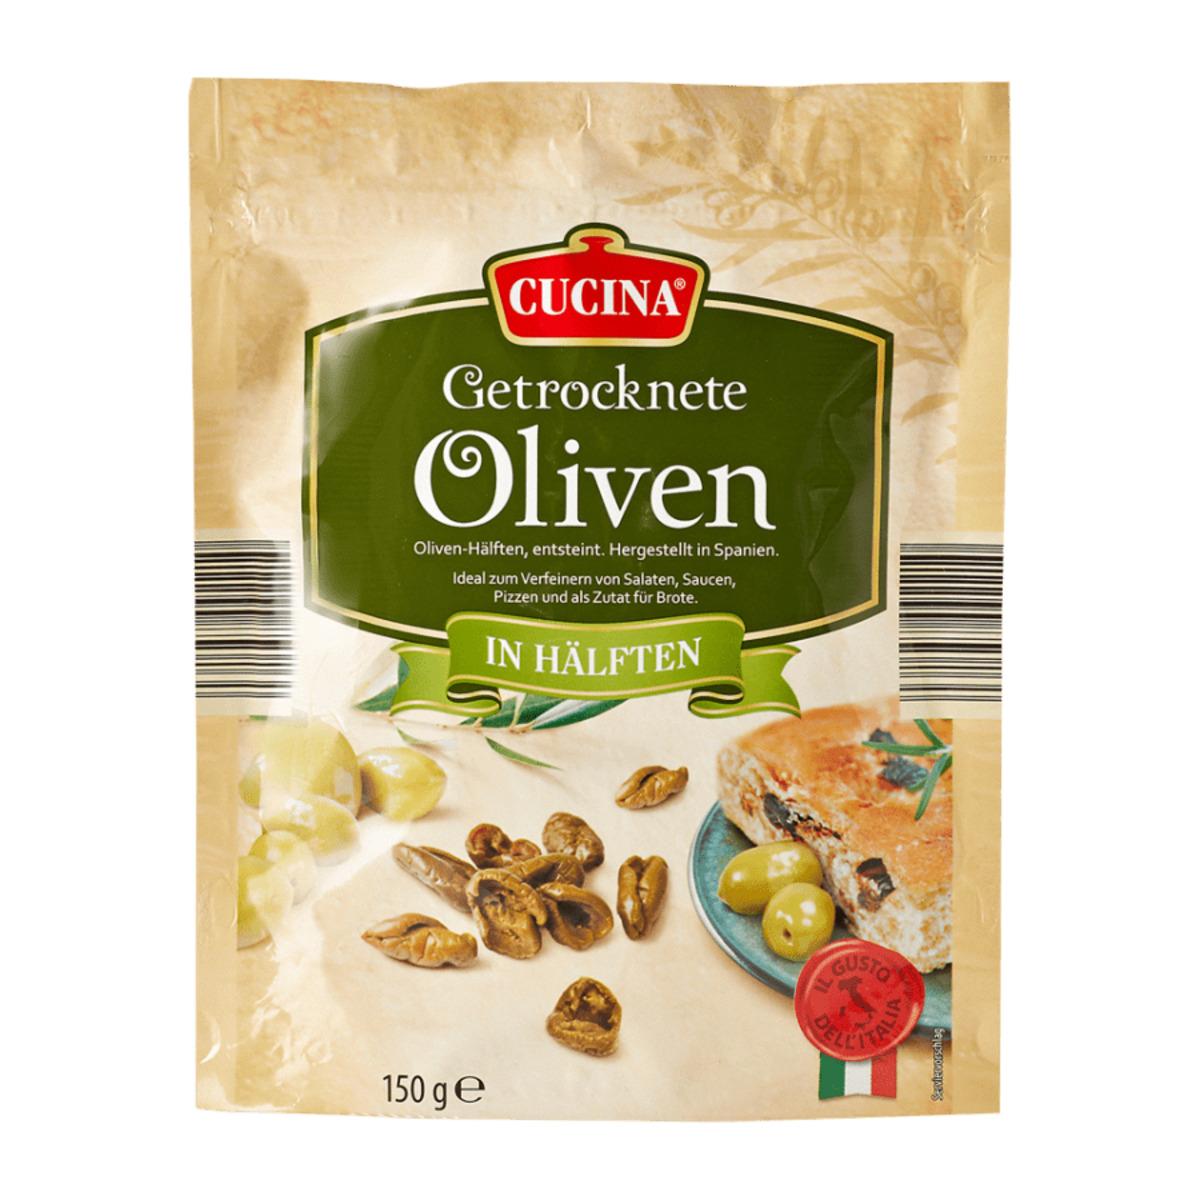 Bild 3 von CUCINA     Getrocknete Tomaten/Oliven